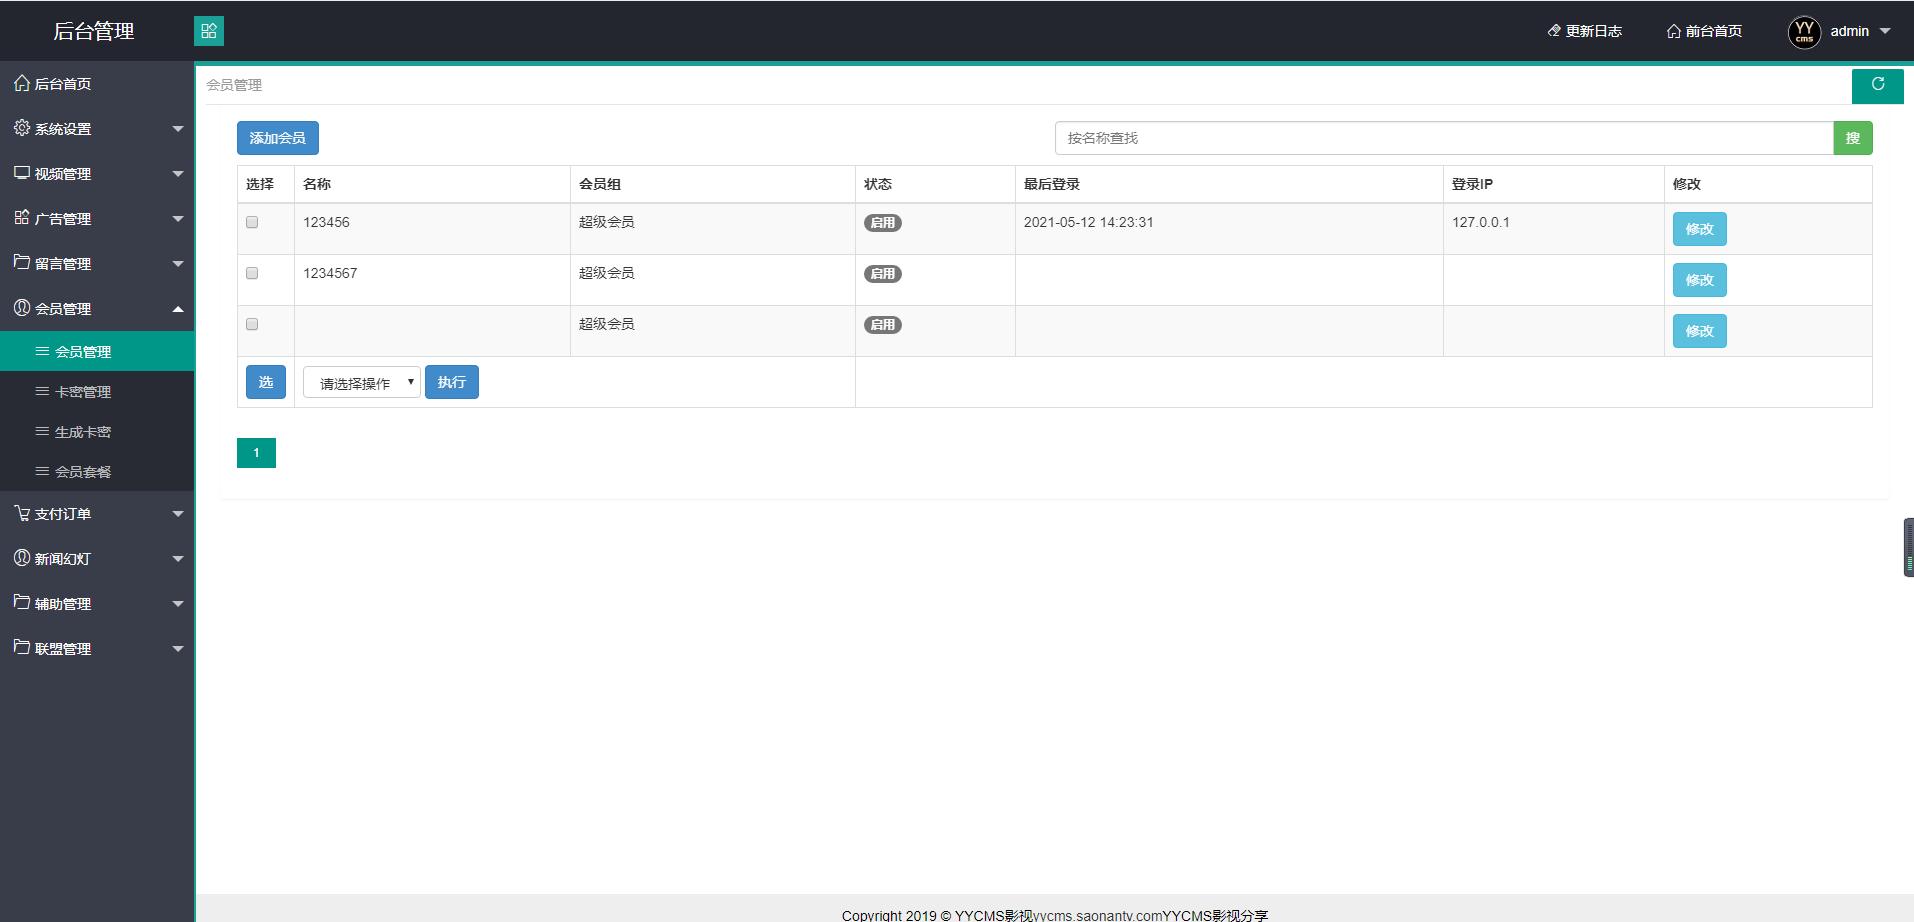 最新版本yycms5.0影视程序:后台自动采集,带会员中心